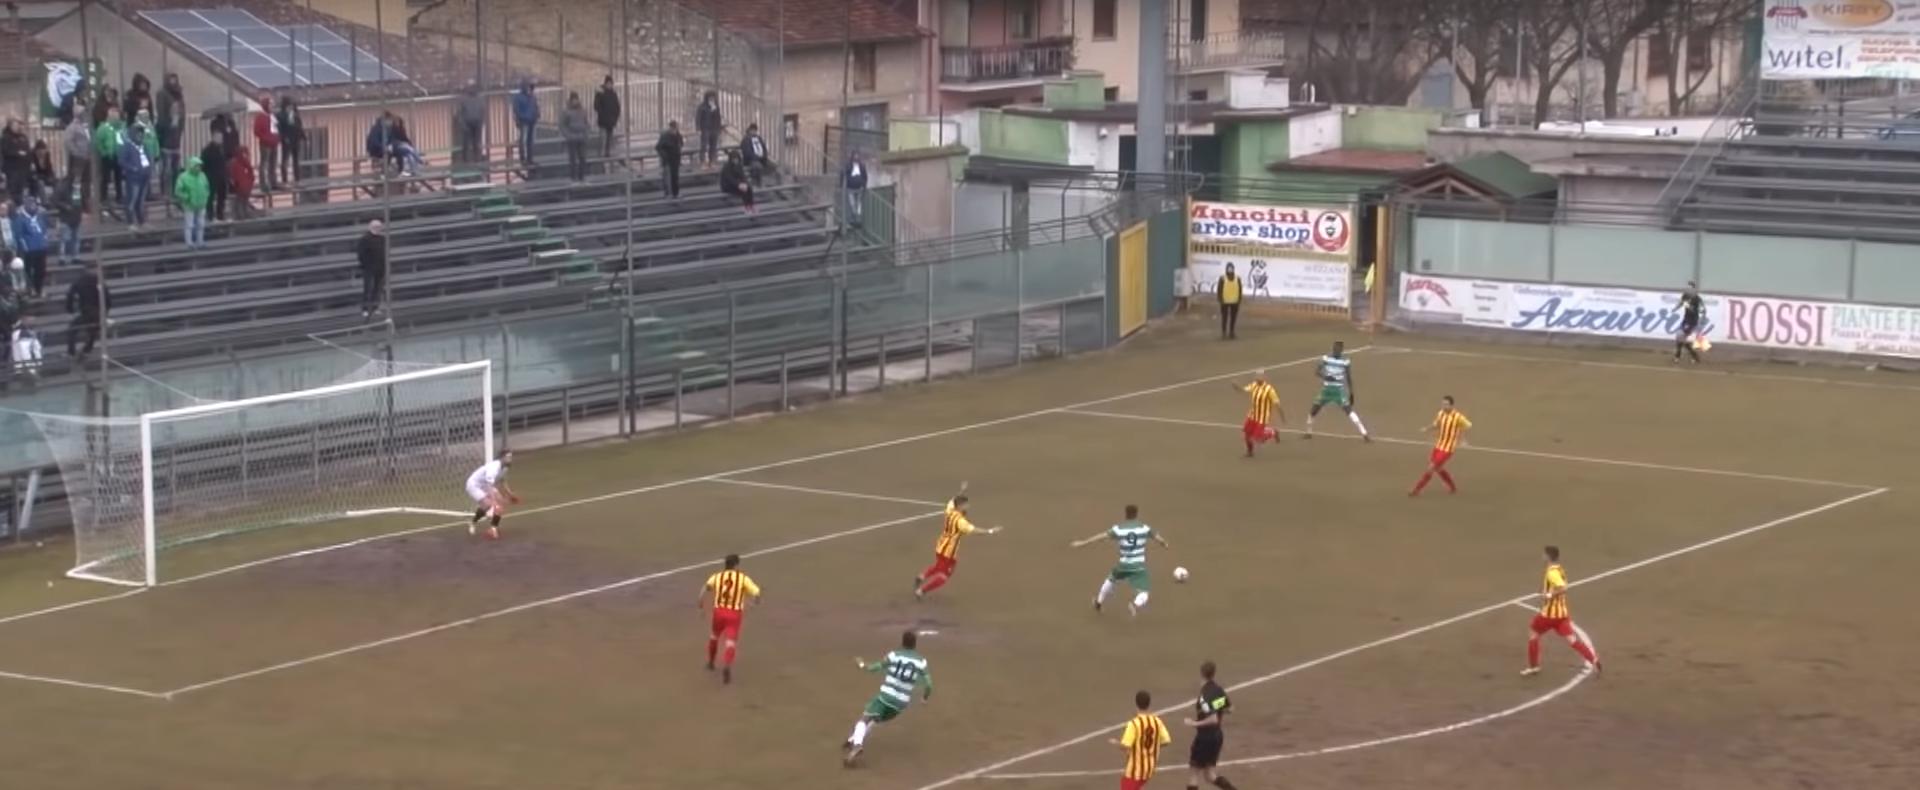 Niente rivincita per l'Avezzano, il Giulianova sbanca al Dei Marsi nel derby di ritorno